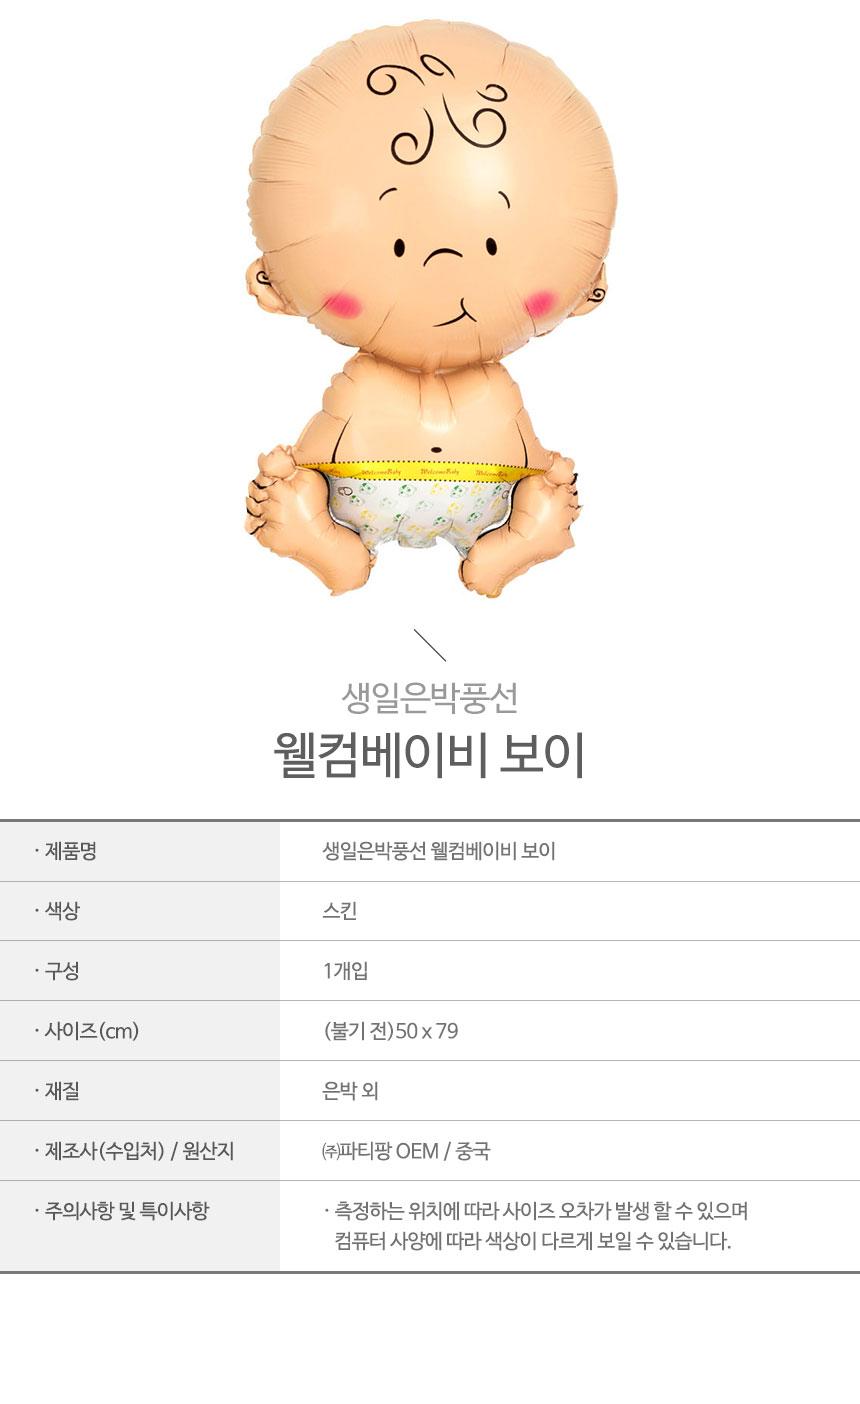 [원팩] 생일은박풍선 웰컴베이비 보이 50x79cm _partypang - 주식회사 파티팡, 3,000원, 파티용품, 풍선/세트